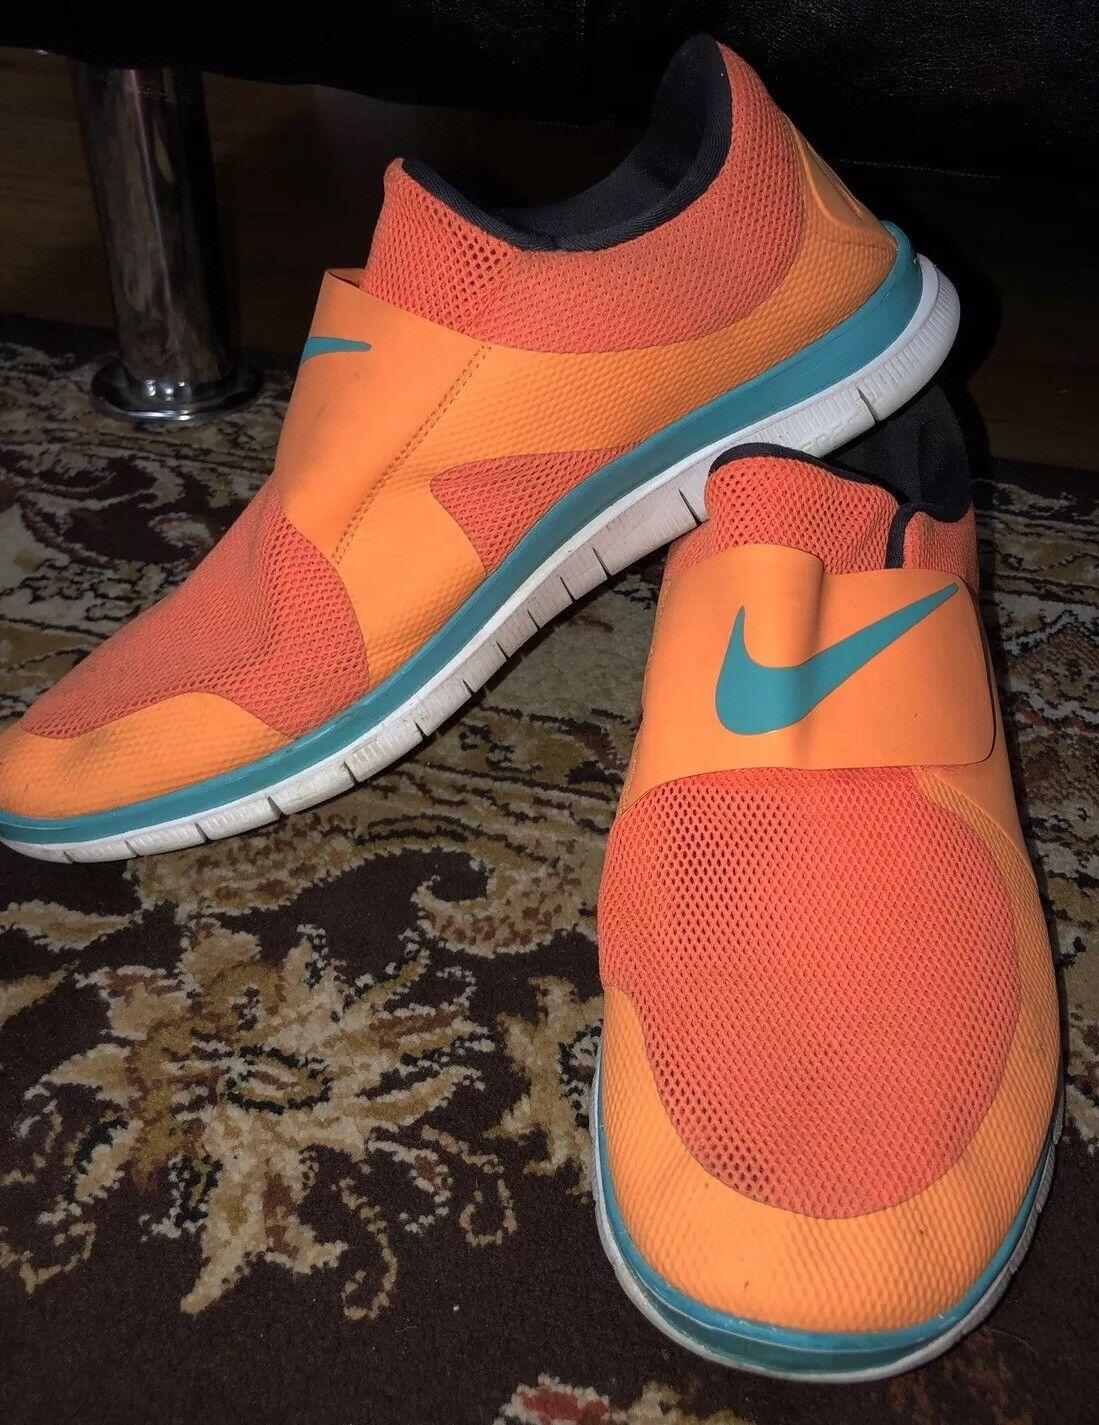 Nike mondo migliore degli degli degli uomini gymscarpe taglia 44, 46 eur, per un totale di arancione  palestra rosso | Consegna veloce  | Abbiamo ricevuto lodi dai nostri clienti.  | Meno Costosi Di  19ca6d